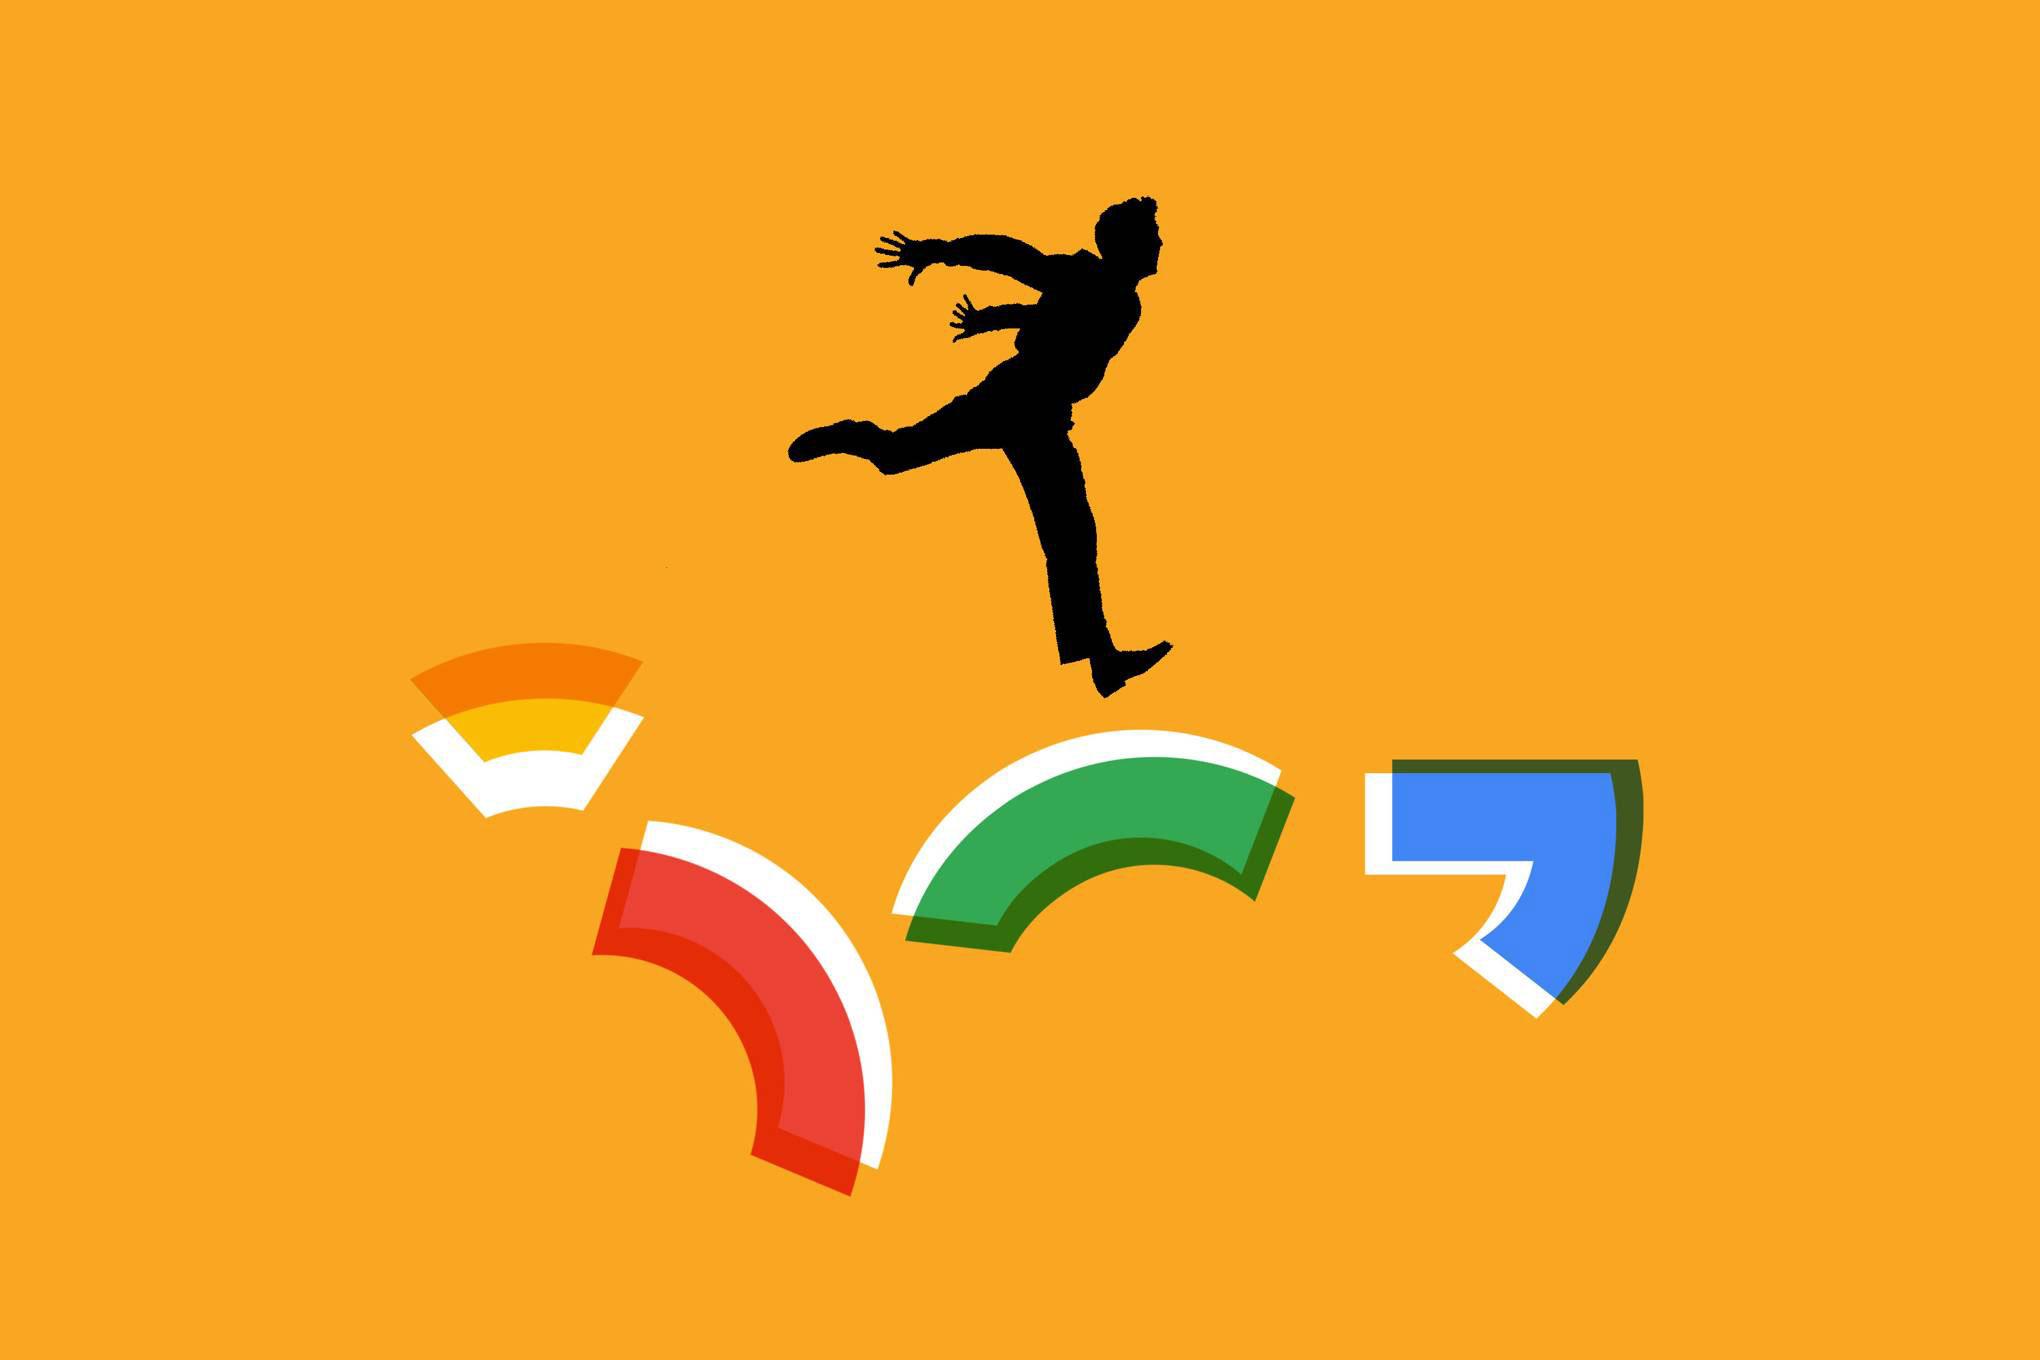 احتمال جدایی اندروید از گوگل برای دوری از ایرادات قانون انحصارطلبی